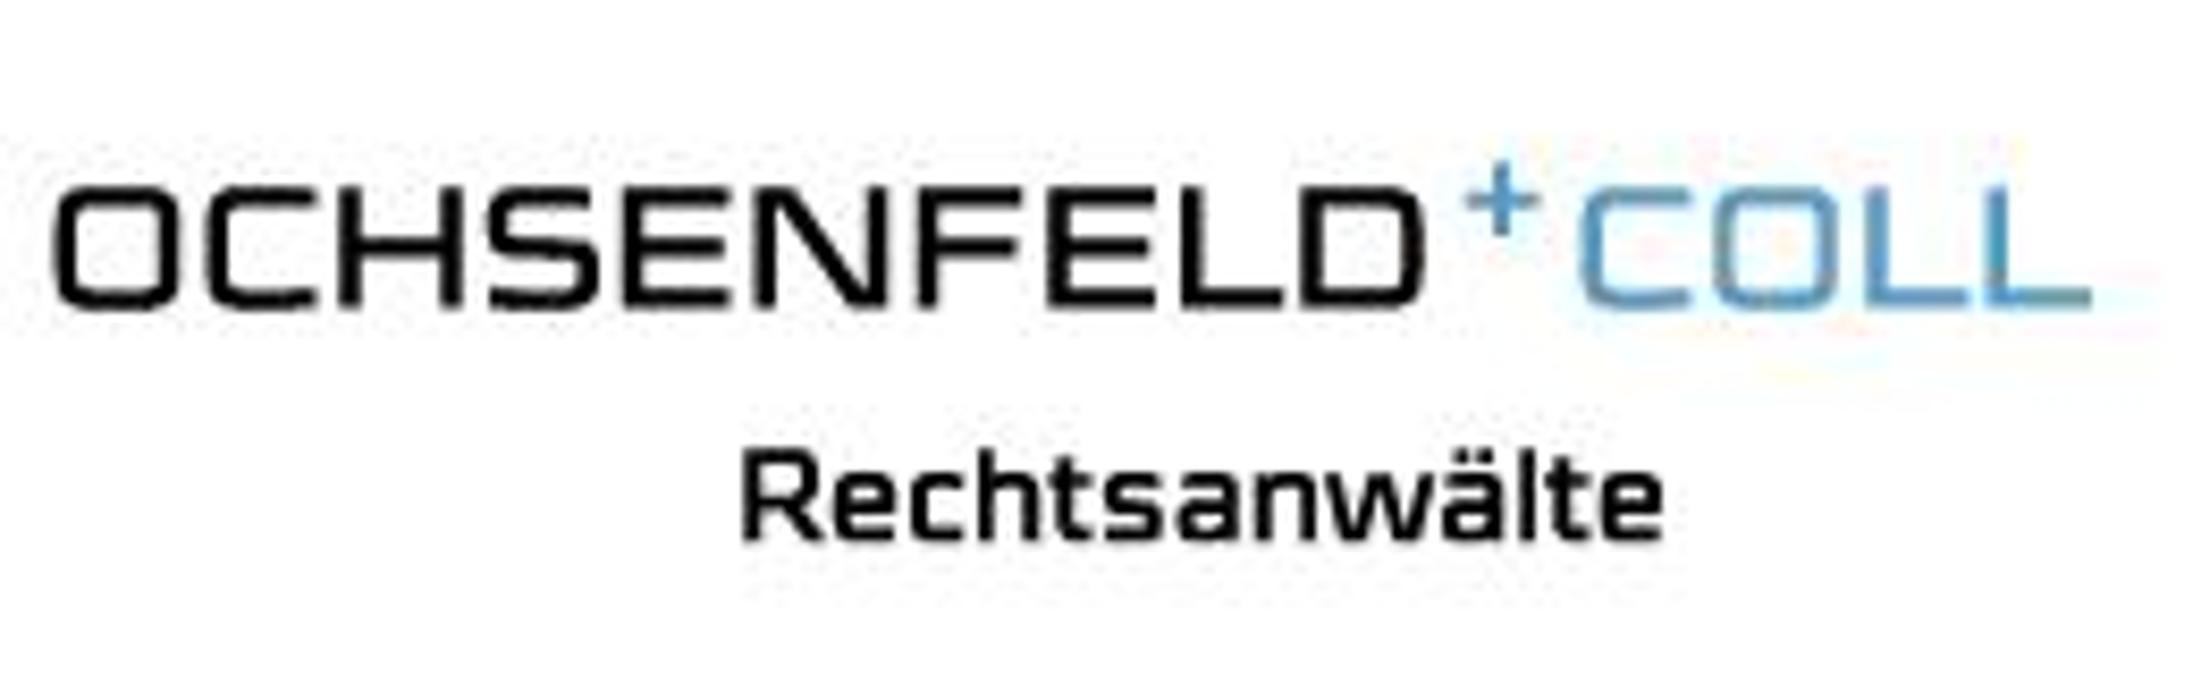 Bild zu OCHSENFELD+COLL Rechtsanwälte in Hildesheim